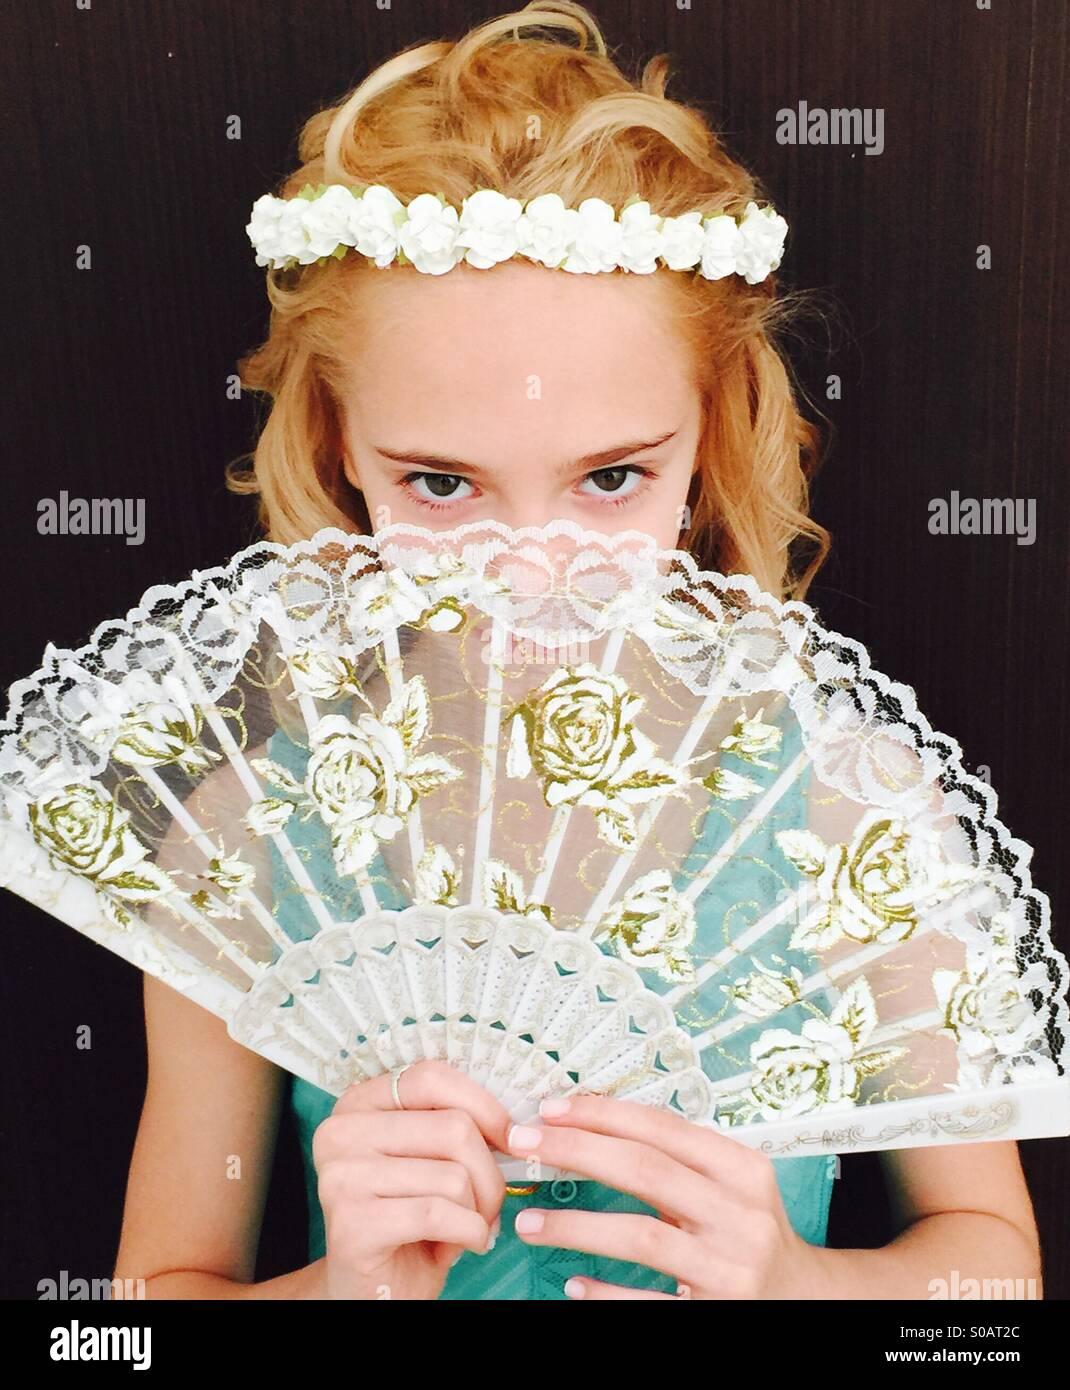 Meine Tochter gekleidet für eine Hochzeit Stockbild